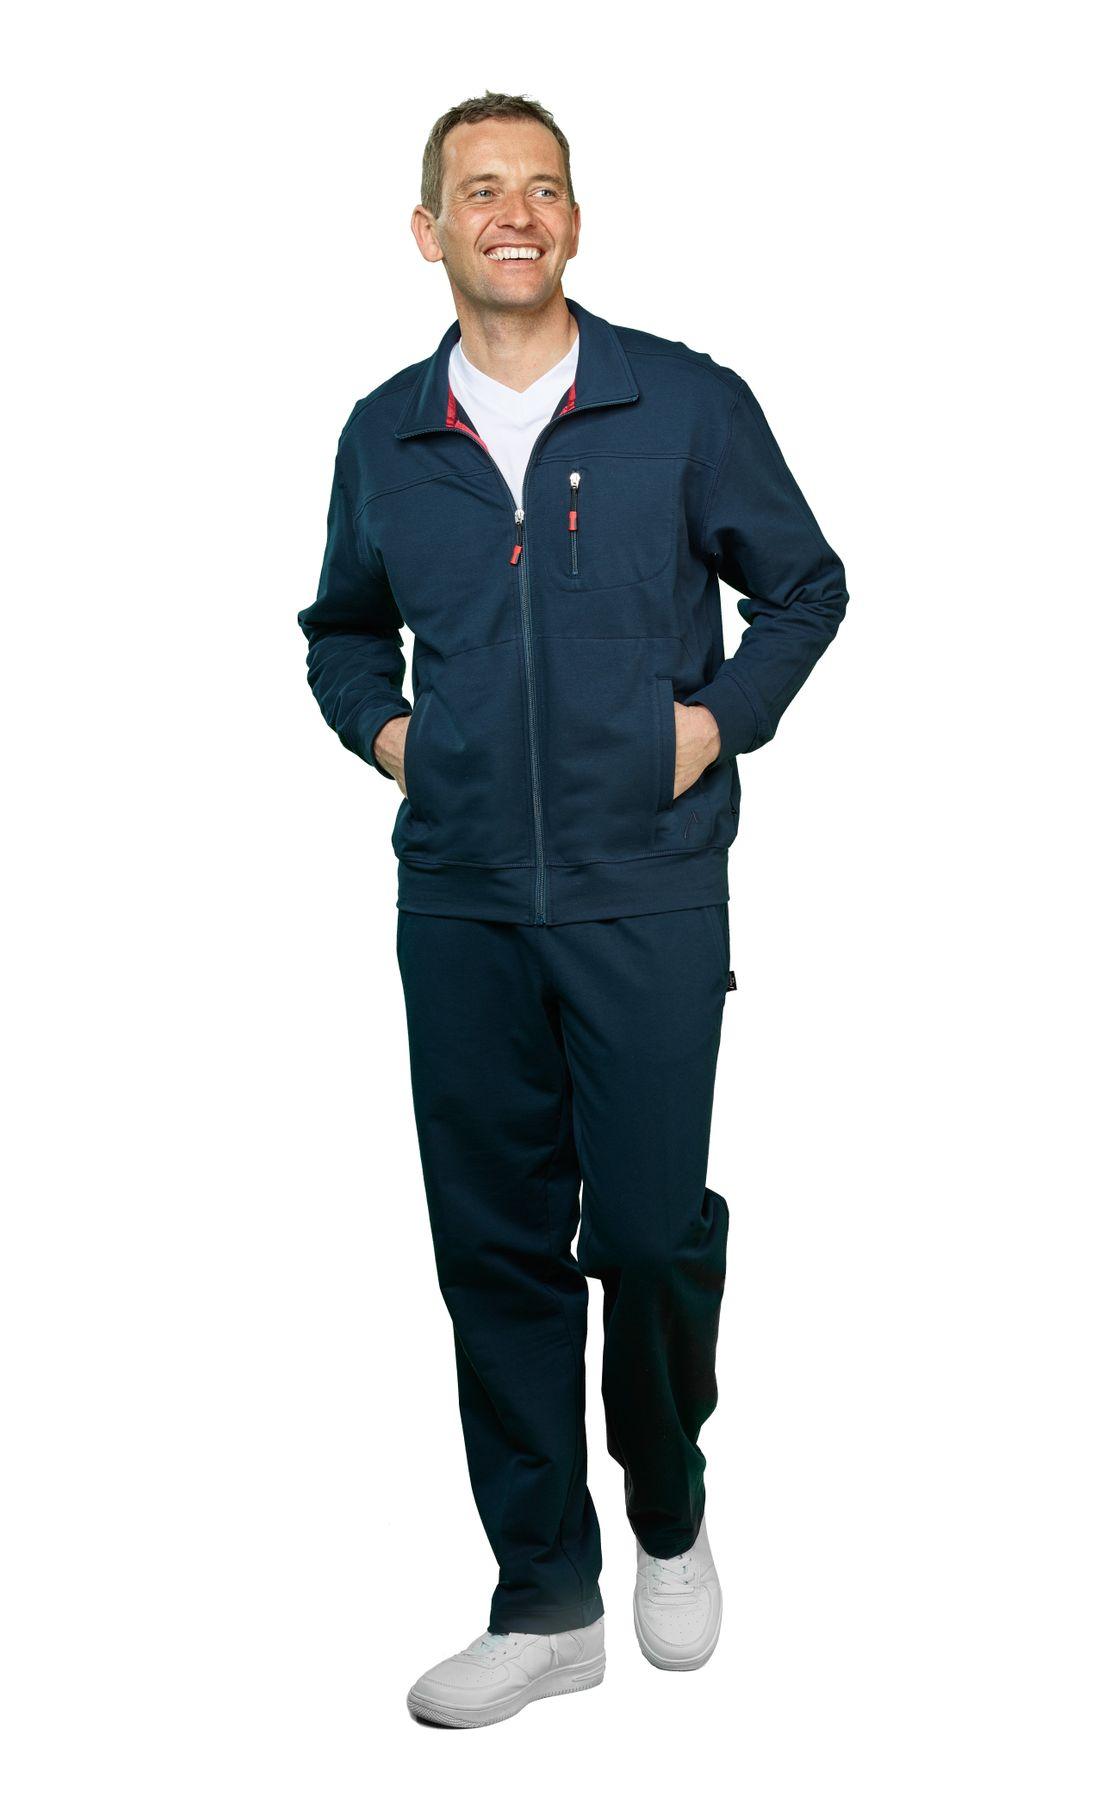 Authentic klein - Herren Sport und Freizeit Jacke aus Baumwollmix in verschiedenen Farben (53033) – Bild 1